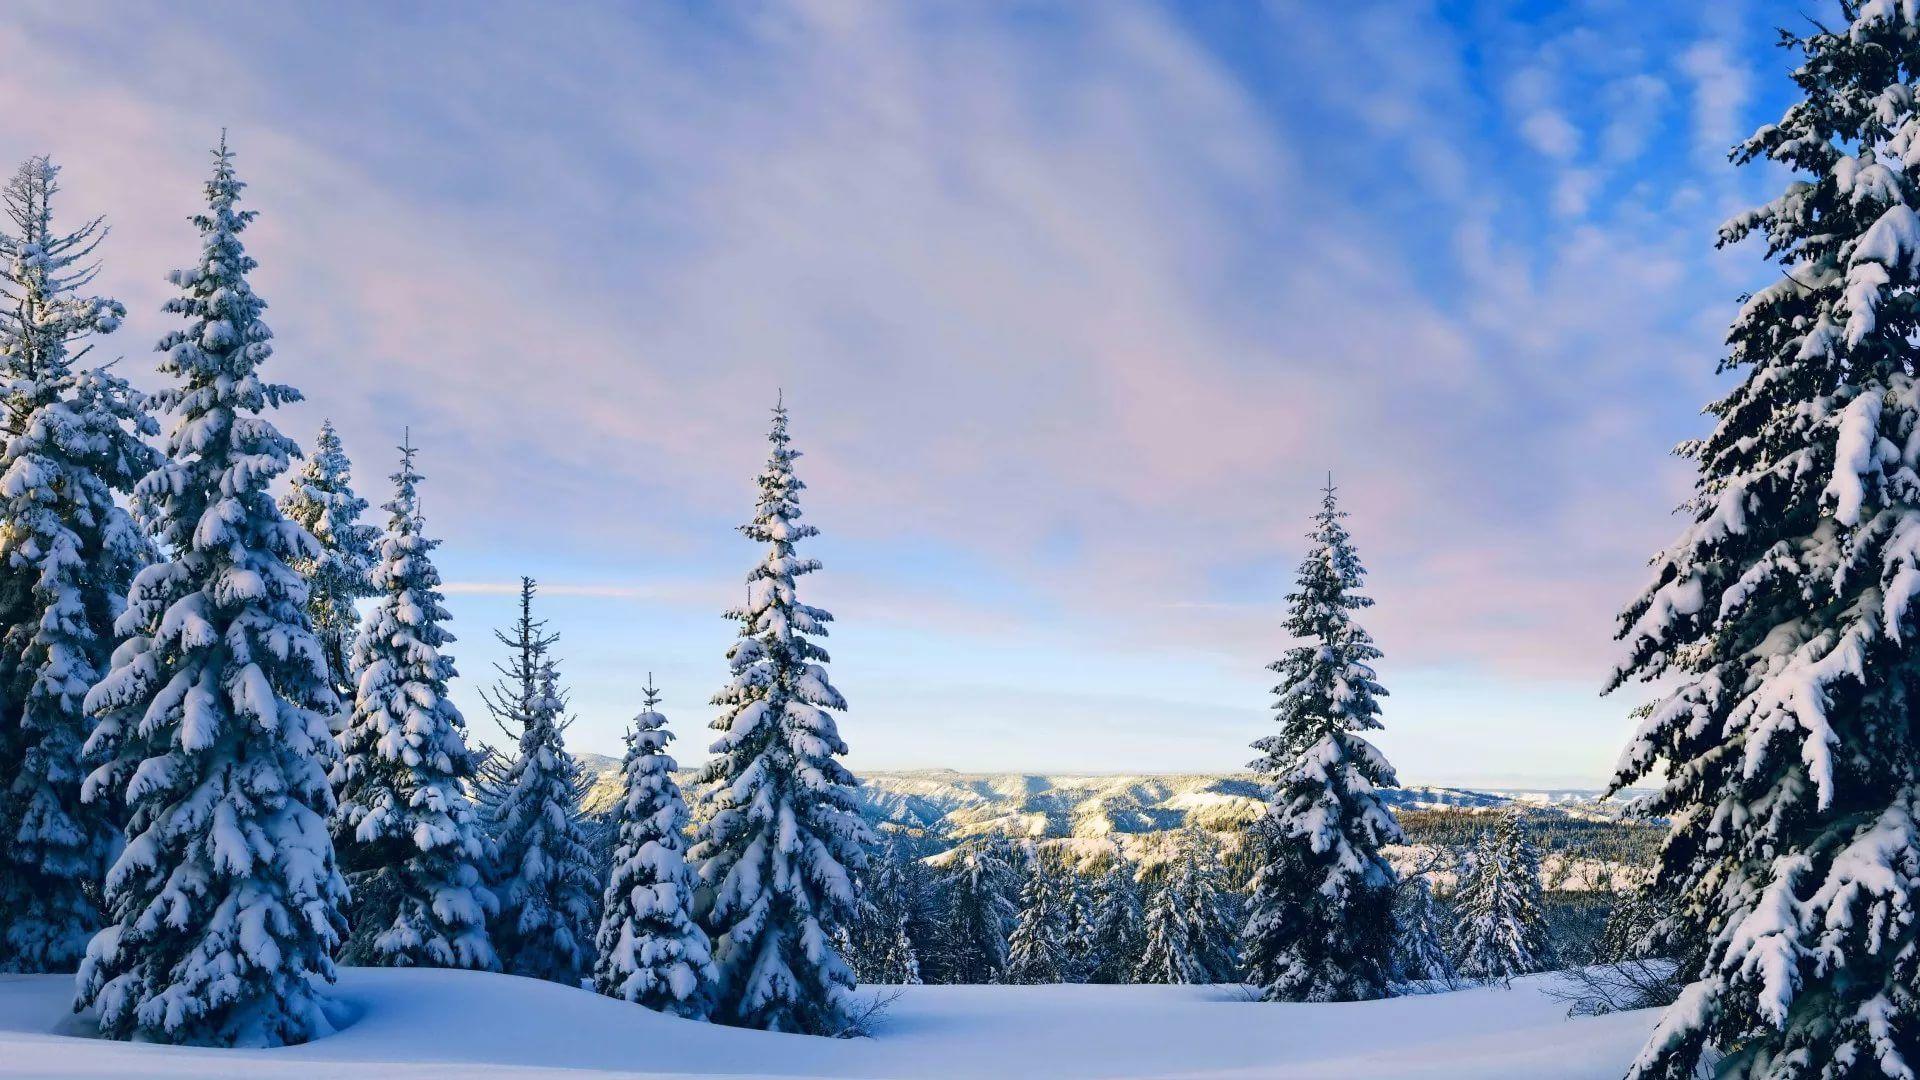 Cute Winter Pic